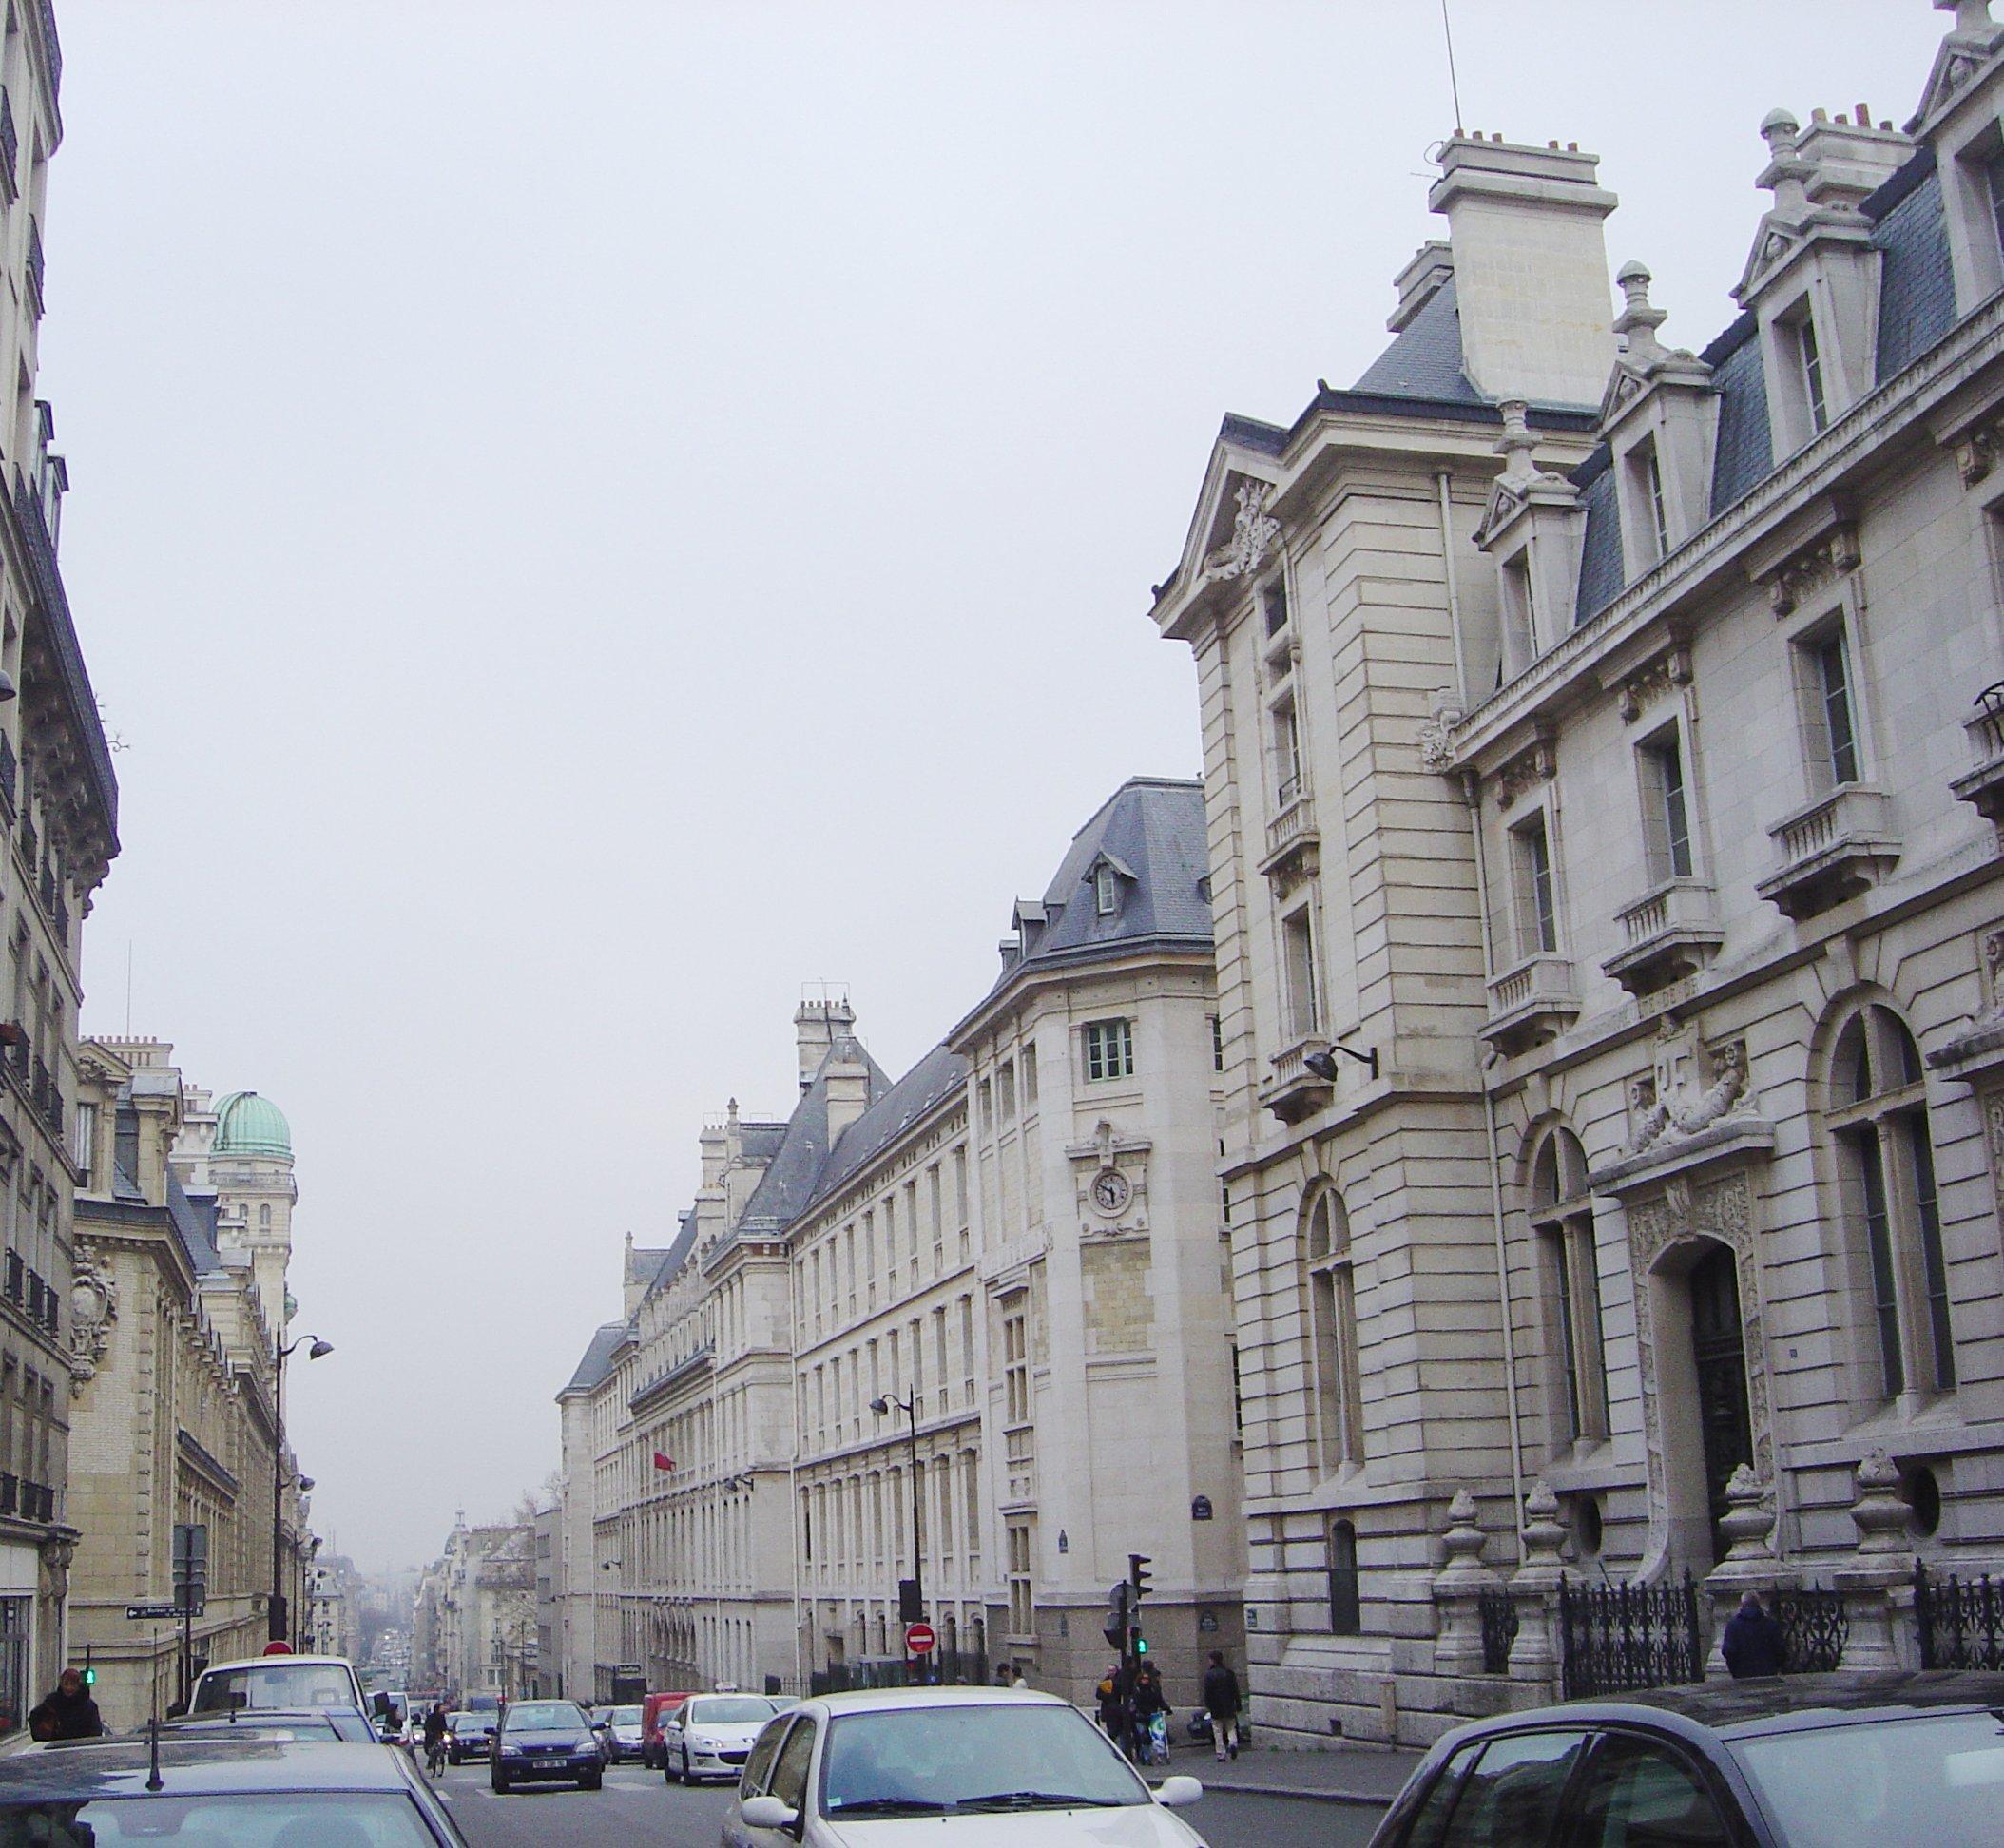 Salon De Jardin Truffaut Luxe Meher Marfatia Street that Brought Home Paris Worldnews